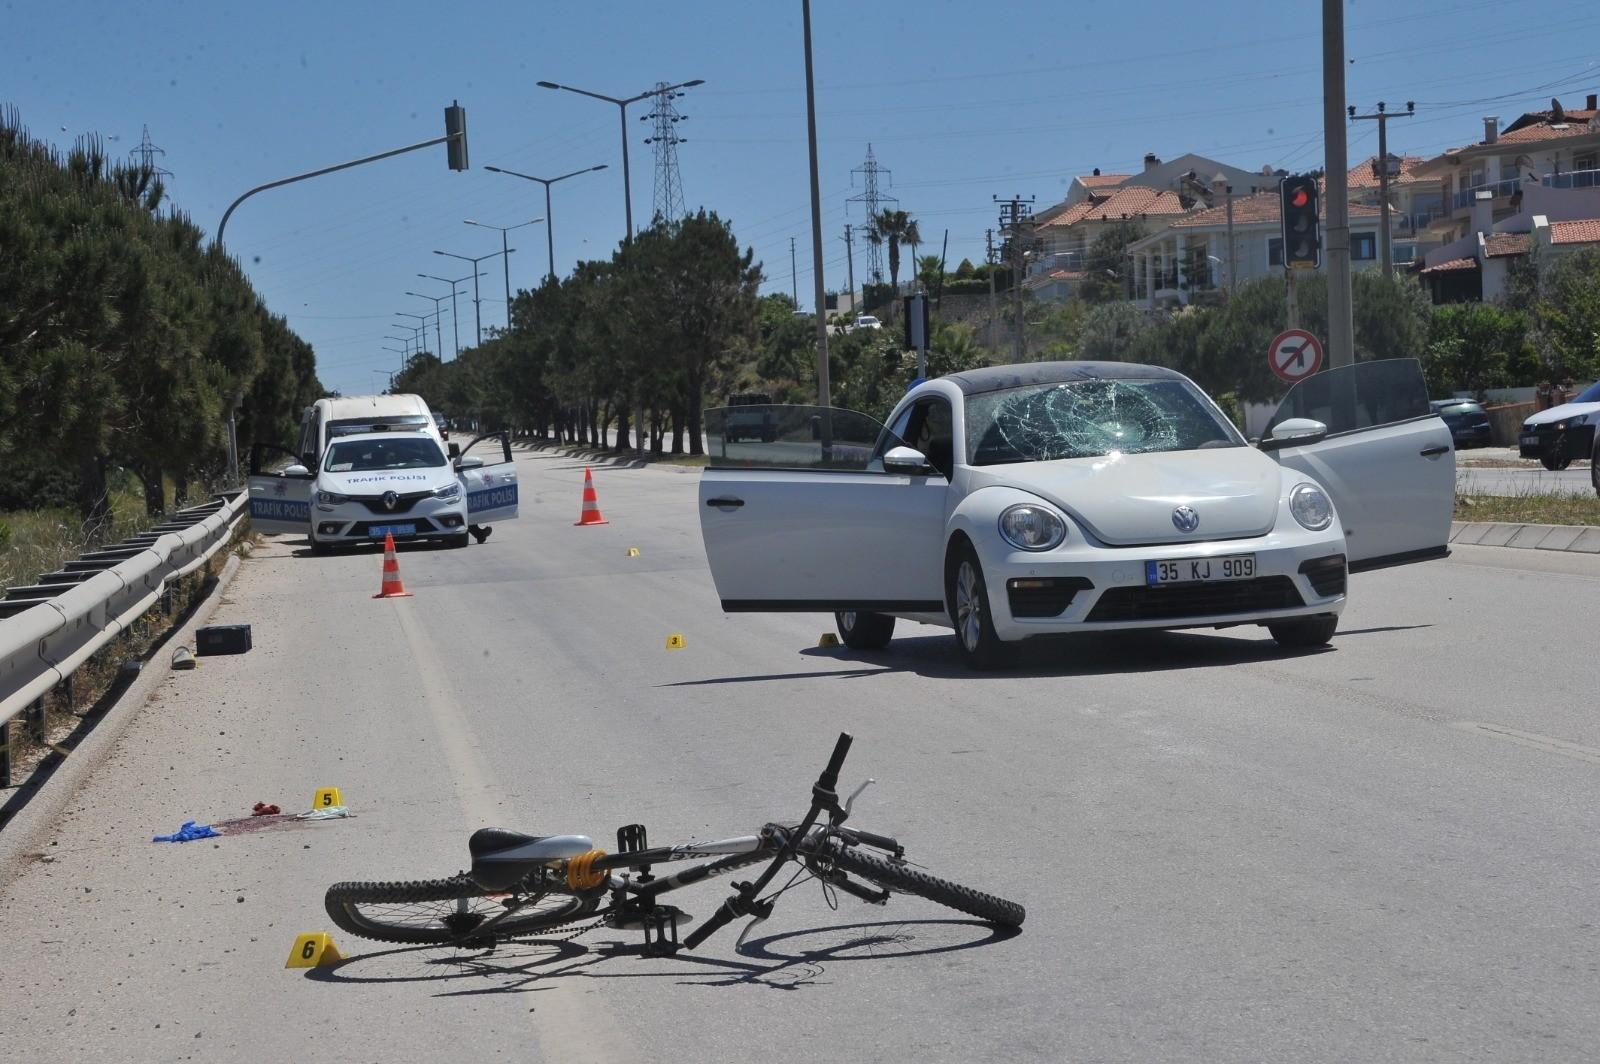 Bisikletli adam, araba çarpması sonucu öldü